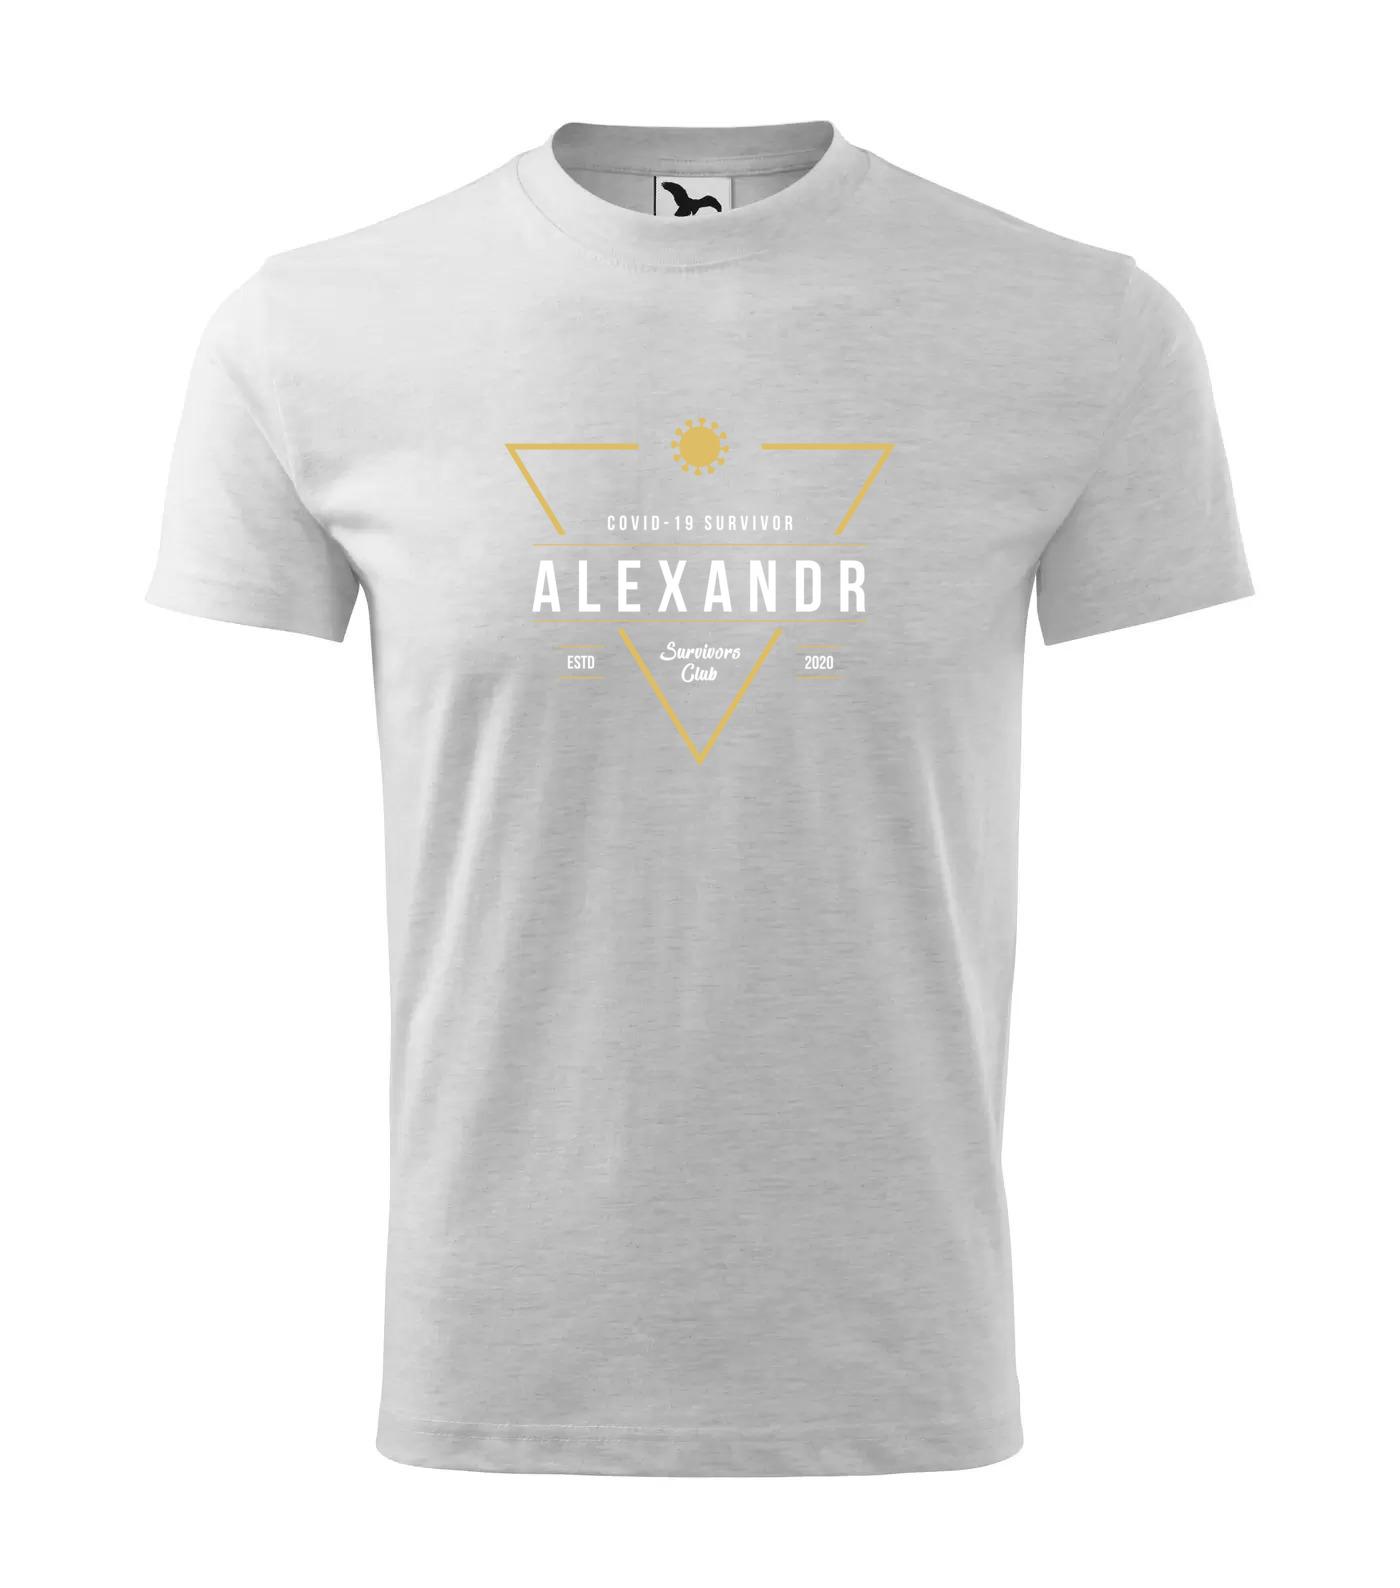 Tričko Survivor Club Alexandr